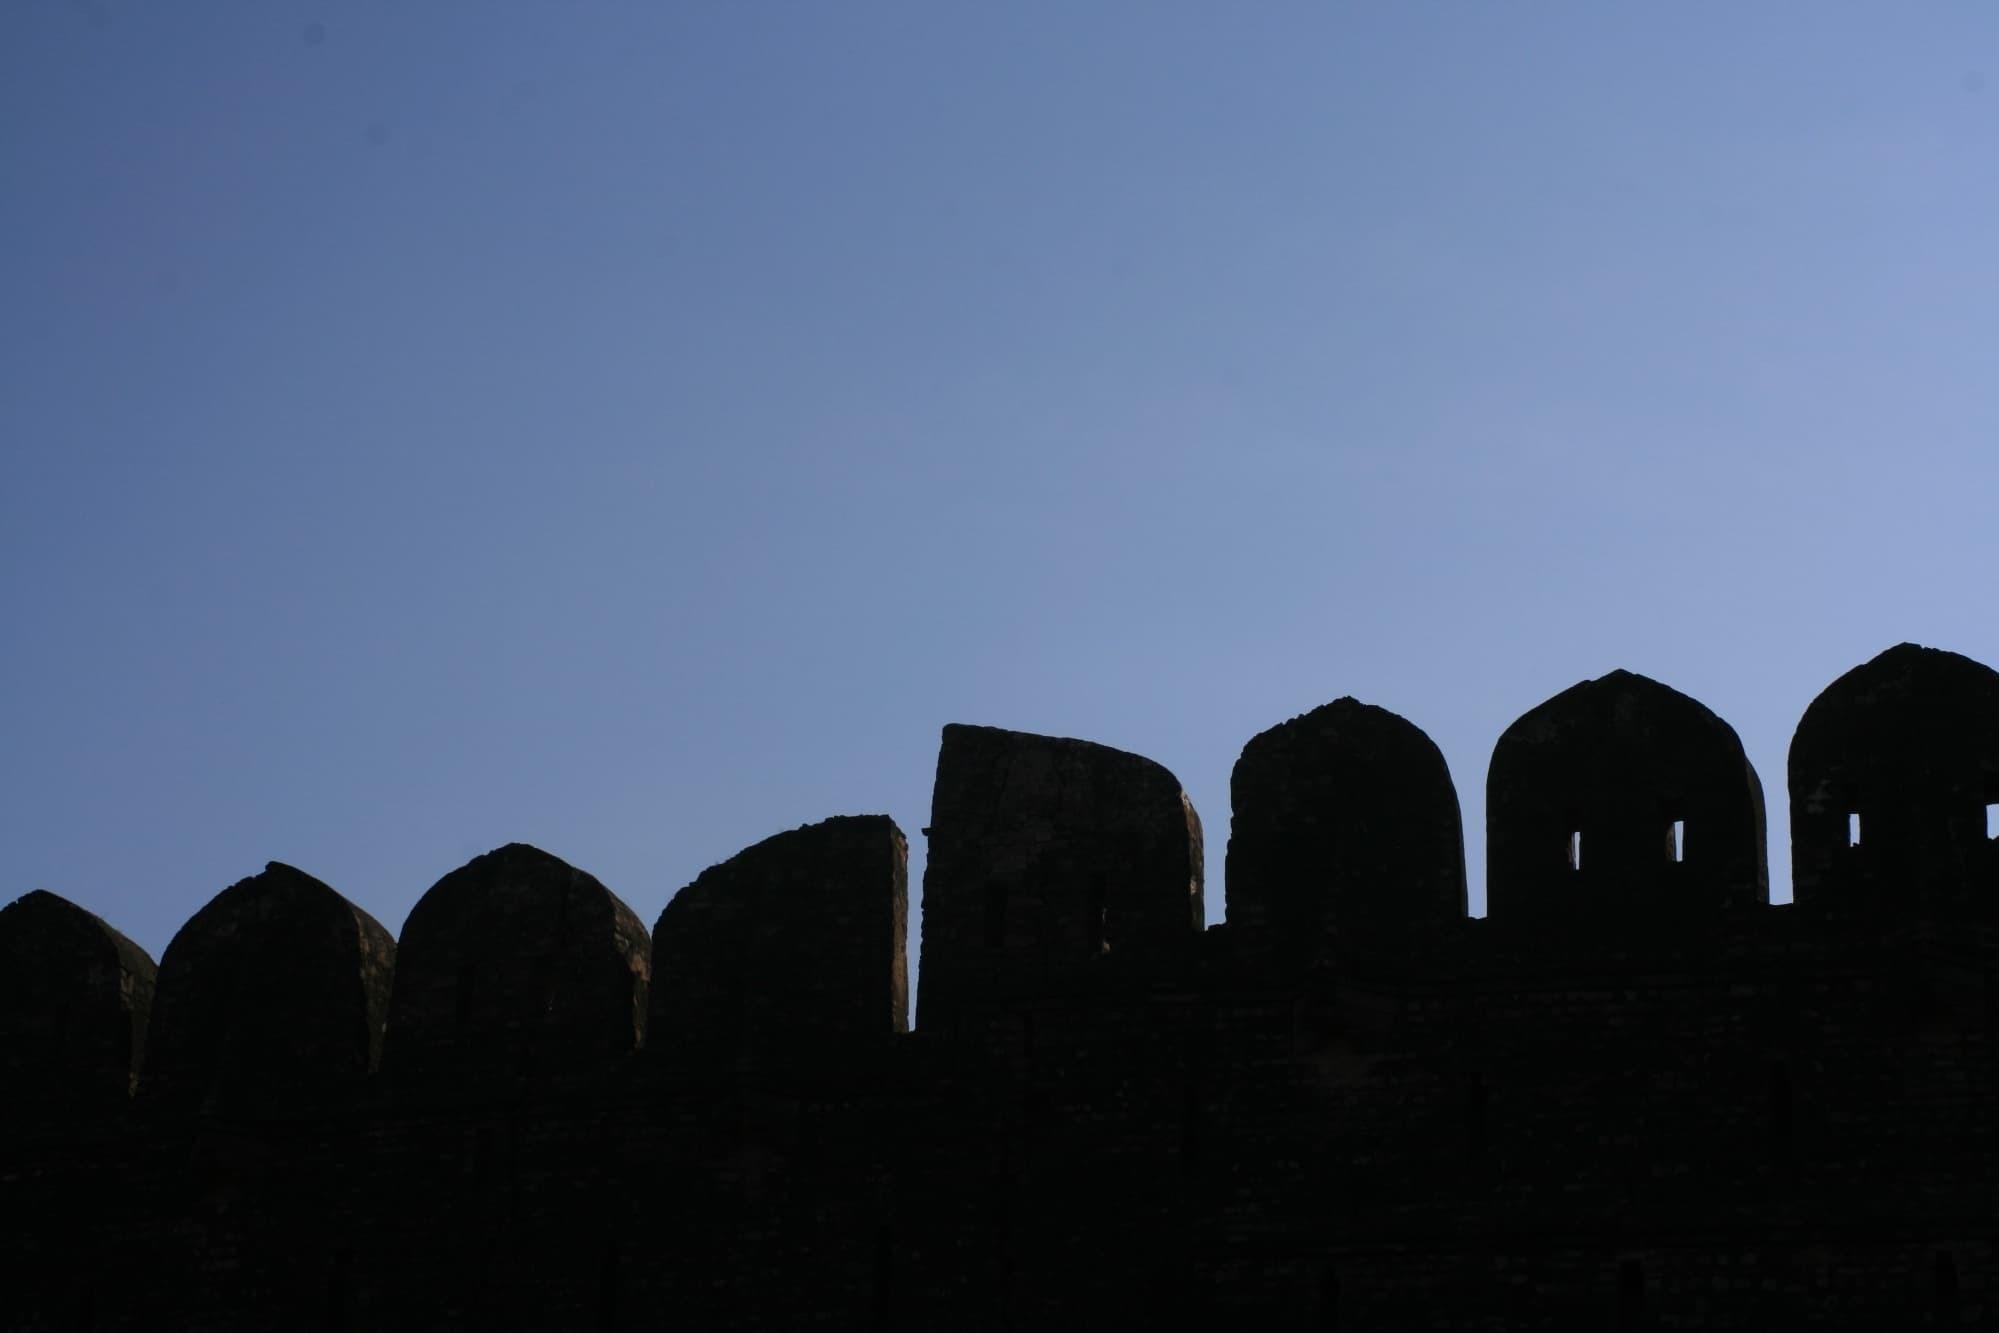 قلعہ کی چار دیواری کا ایک حصہ۔